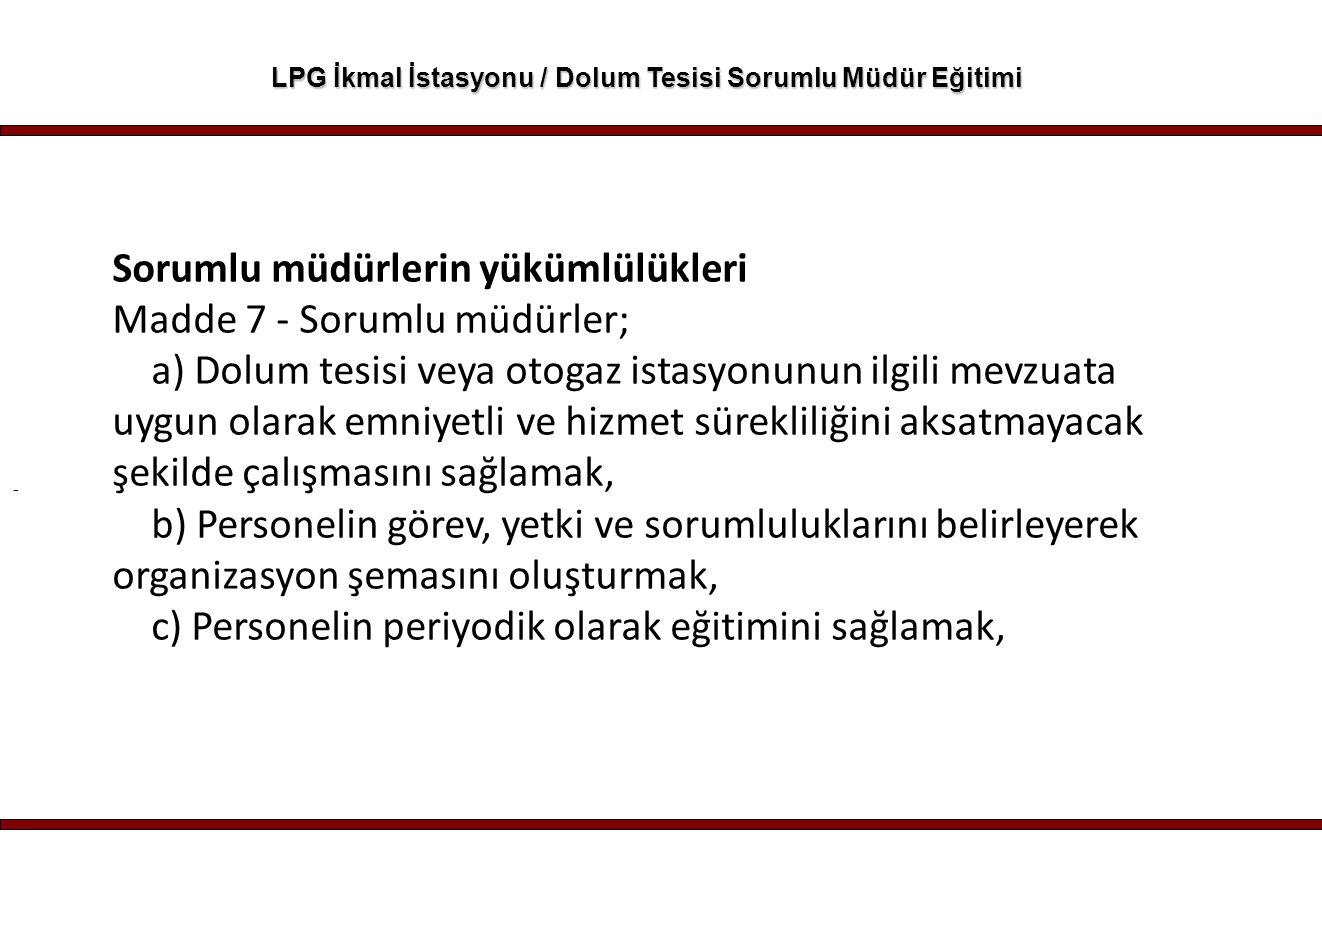 - LPG İkmal İstasyonu / Dolum Tesisi Sorumlu Müdür Eğitimi LPG Otogaz İstasyonu/Dolum Tesisi Sorumlu Müdür Belgelendirme Sınavları Sorumlu Müdür belgelendirme sınavları eğitimler sonucunda gerçekleştirilir.